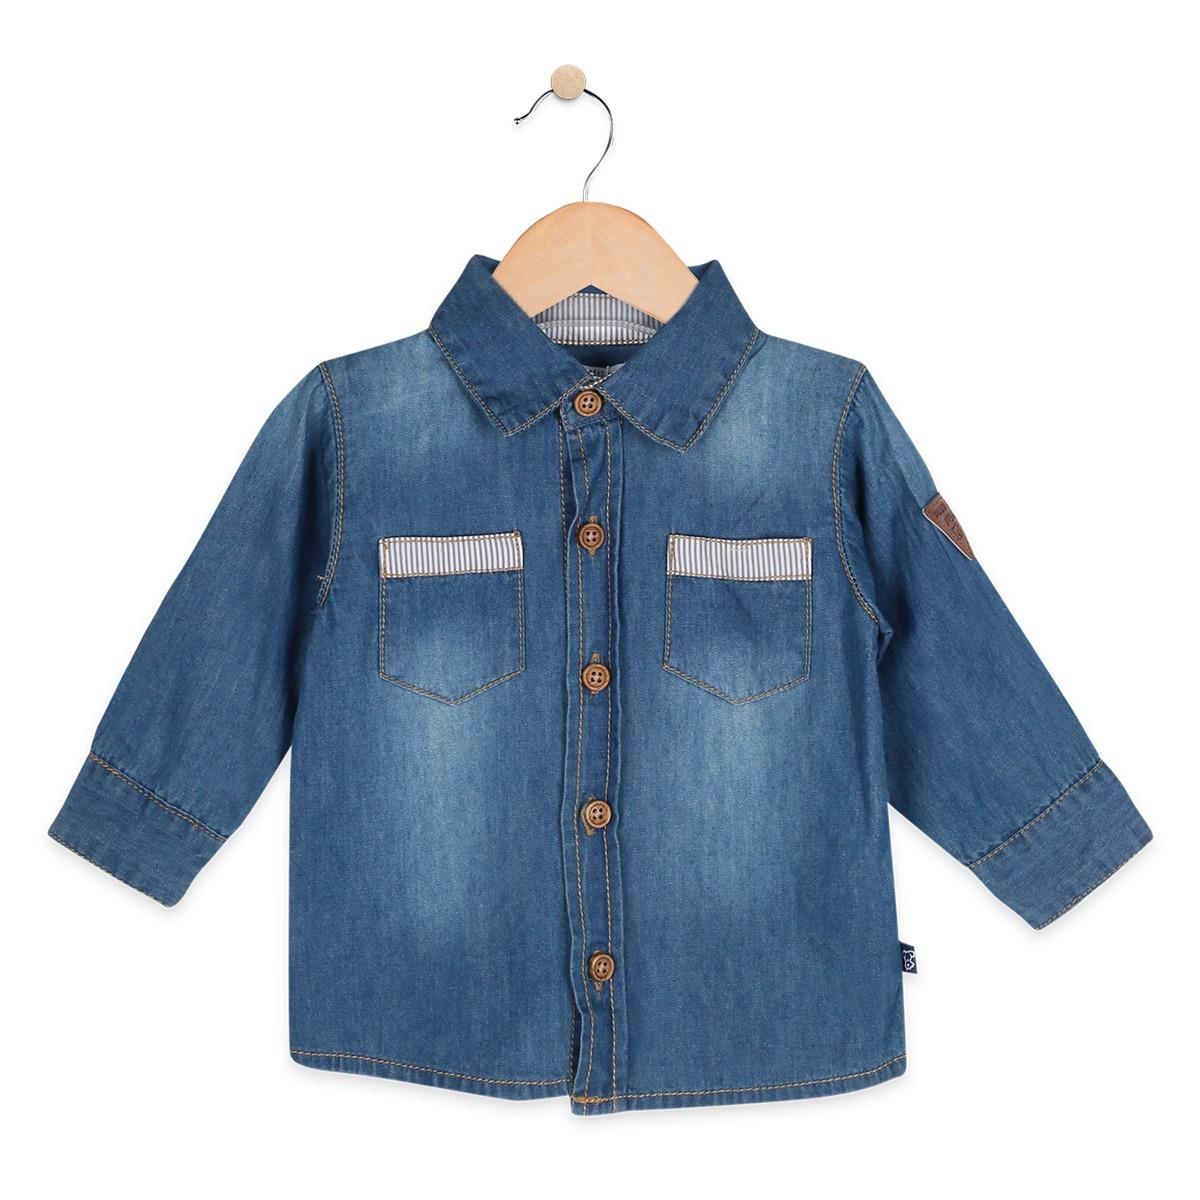 Pillin Camisa M larga Bebé Niño - Po708jea -   14.990 en Mercado Libre e8d9bdd92da